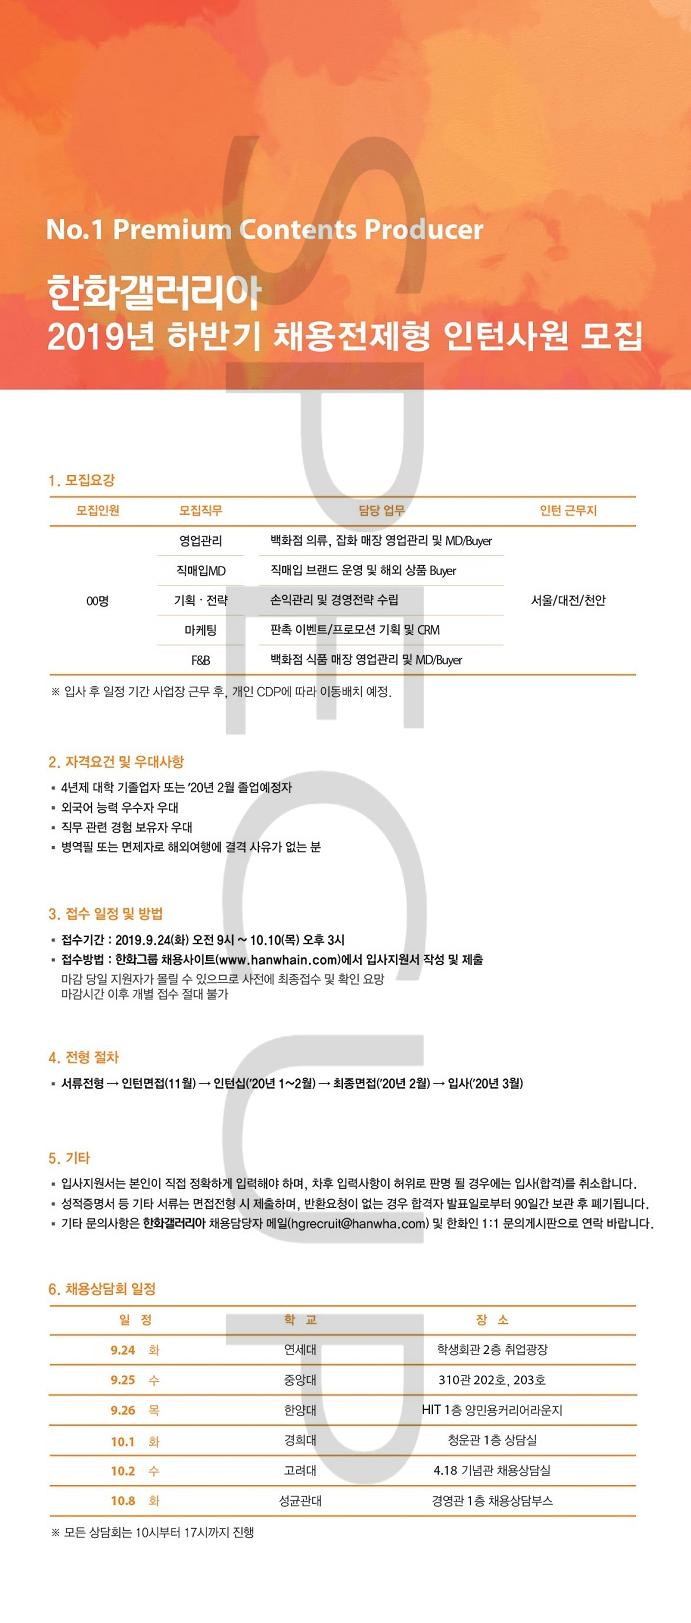 [한화갤러리아] 00명 채용! 2019 하반기 채용전제형 인턴사원 채용 (~10/10)